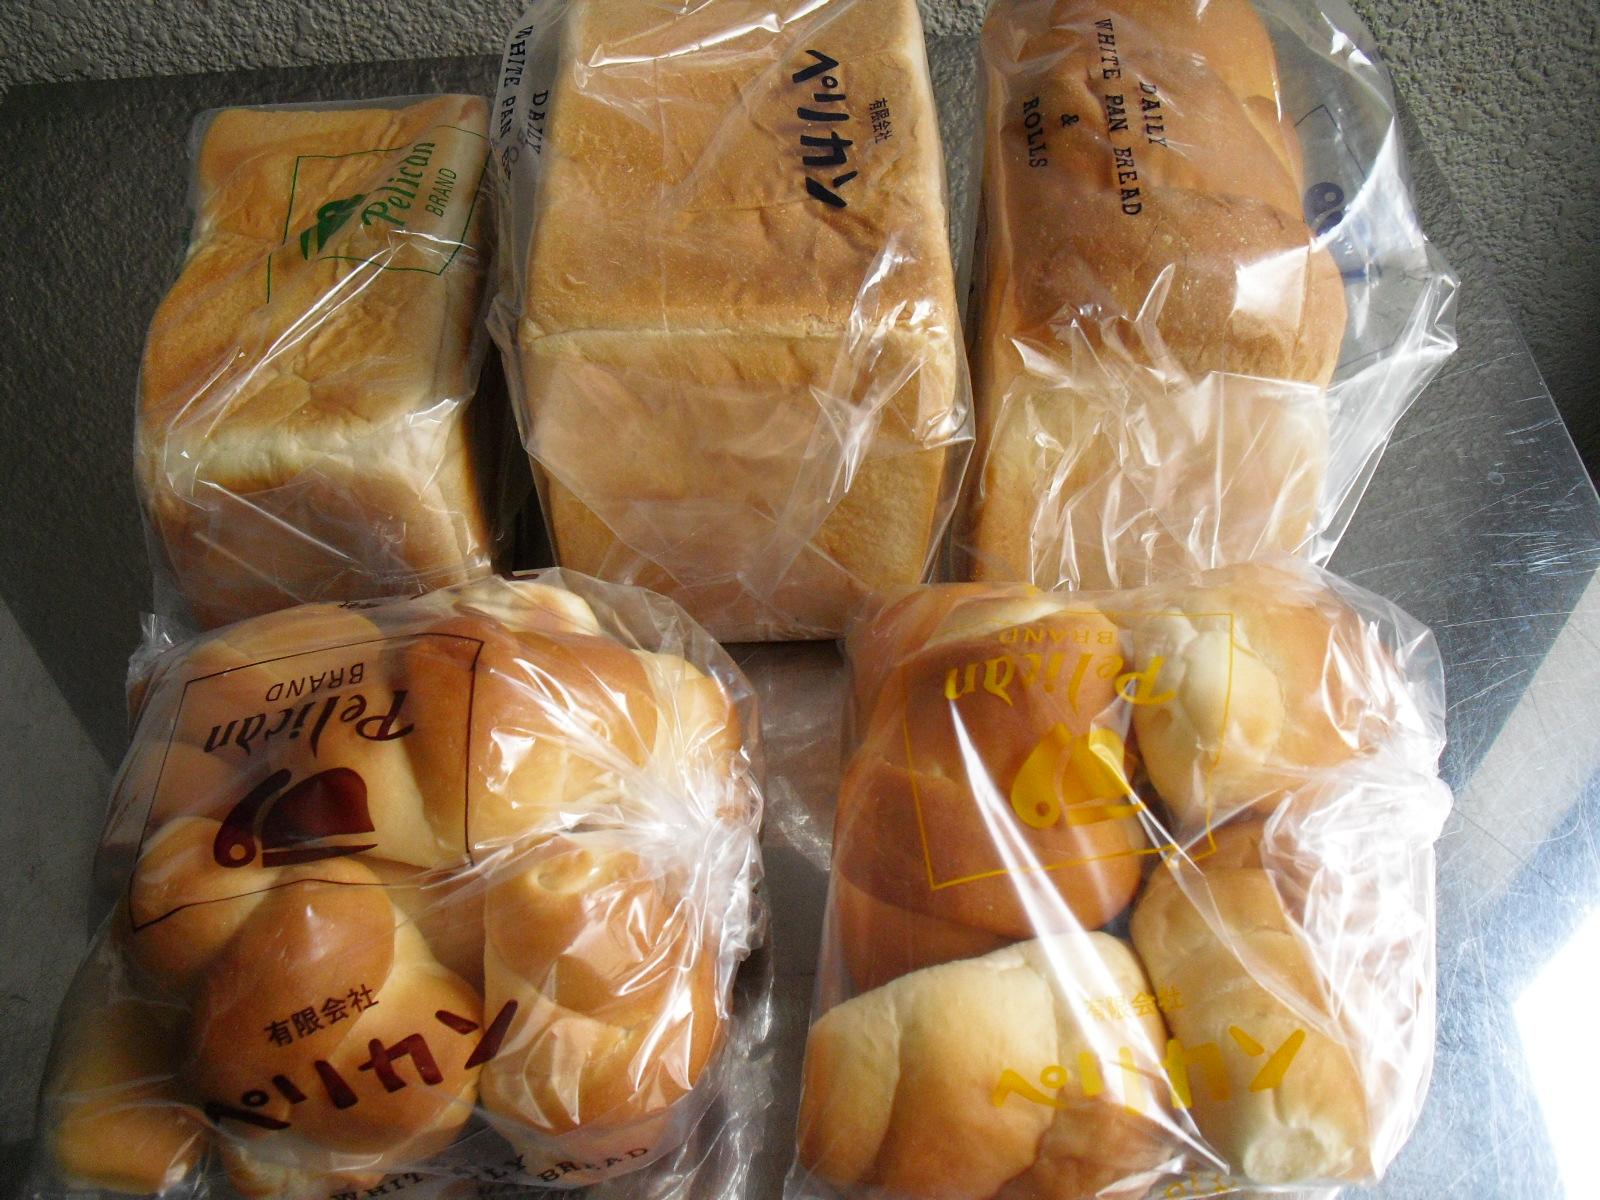 先日の東京遠征の心残りはitonowaさんでイートイン出来なかった事。... ペリカンのパンをお